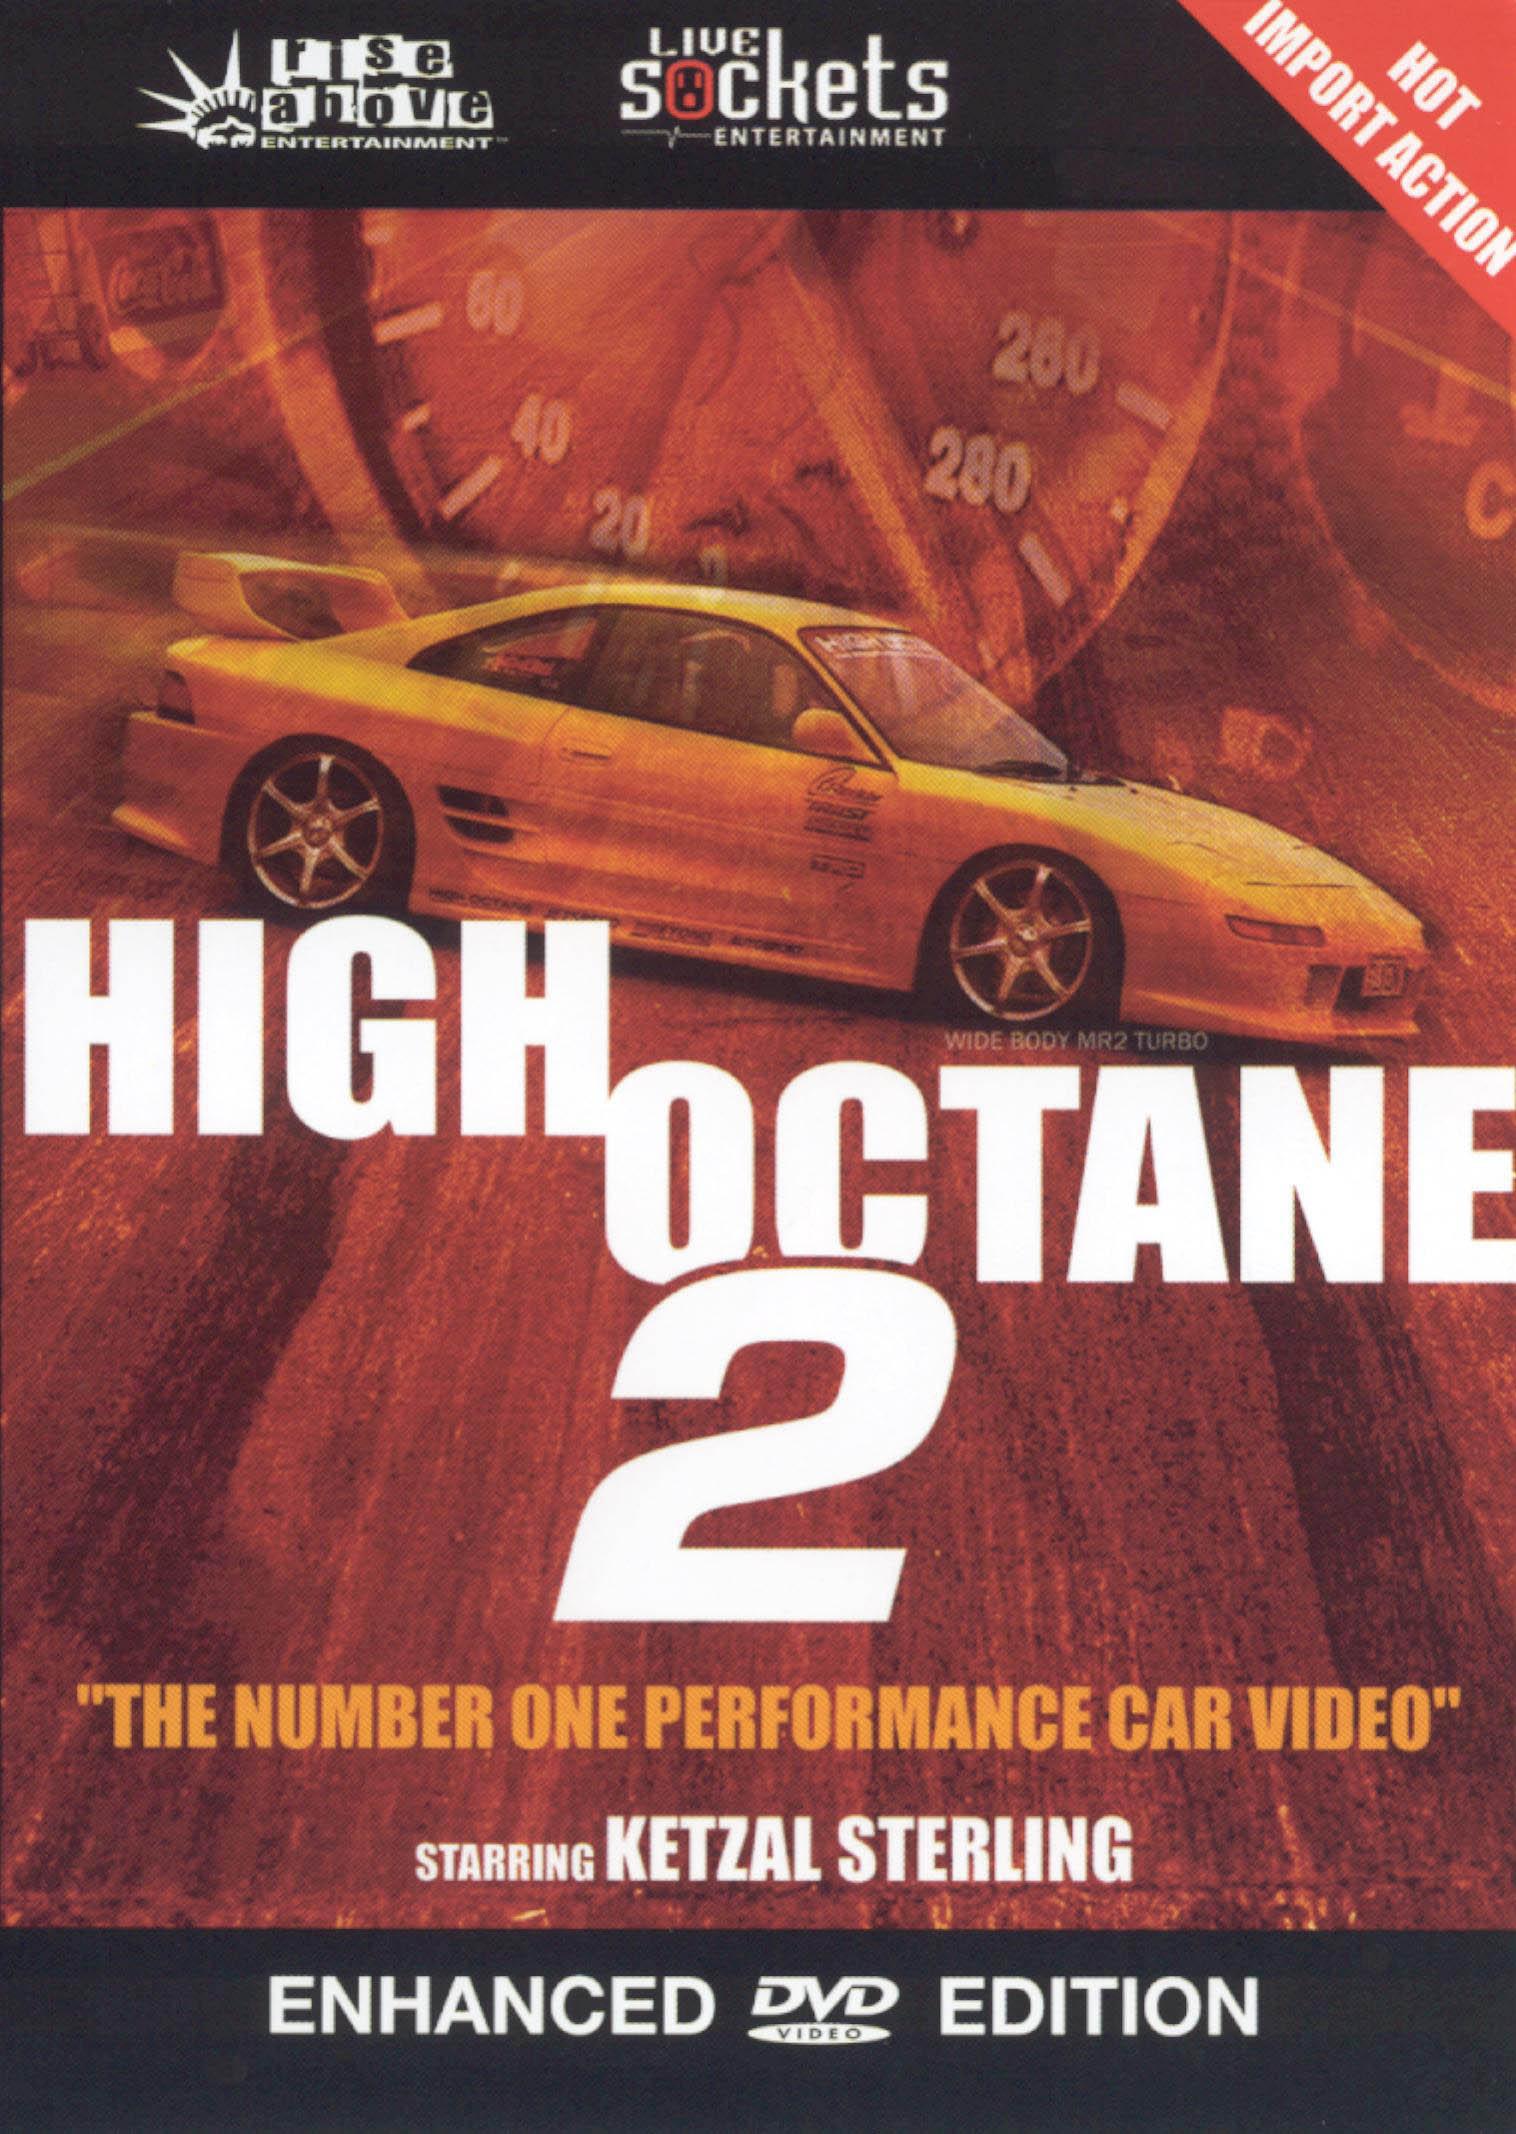 High Octane 2